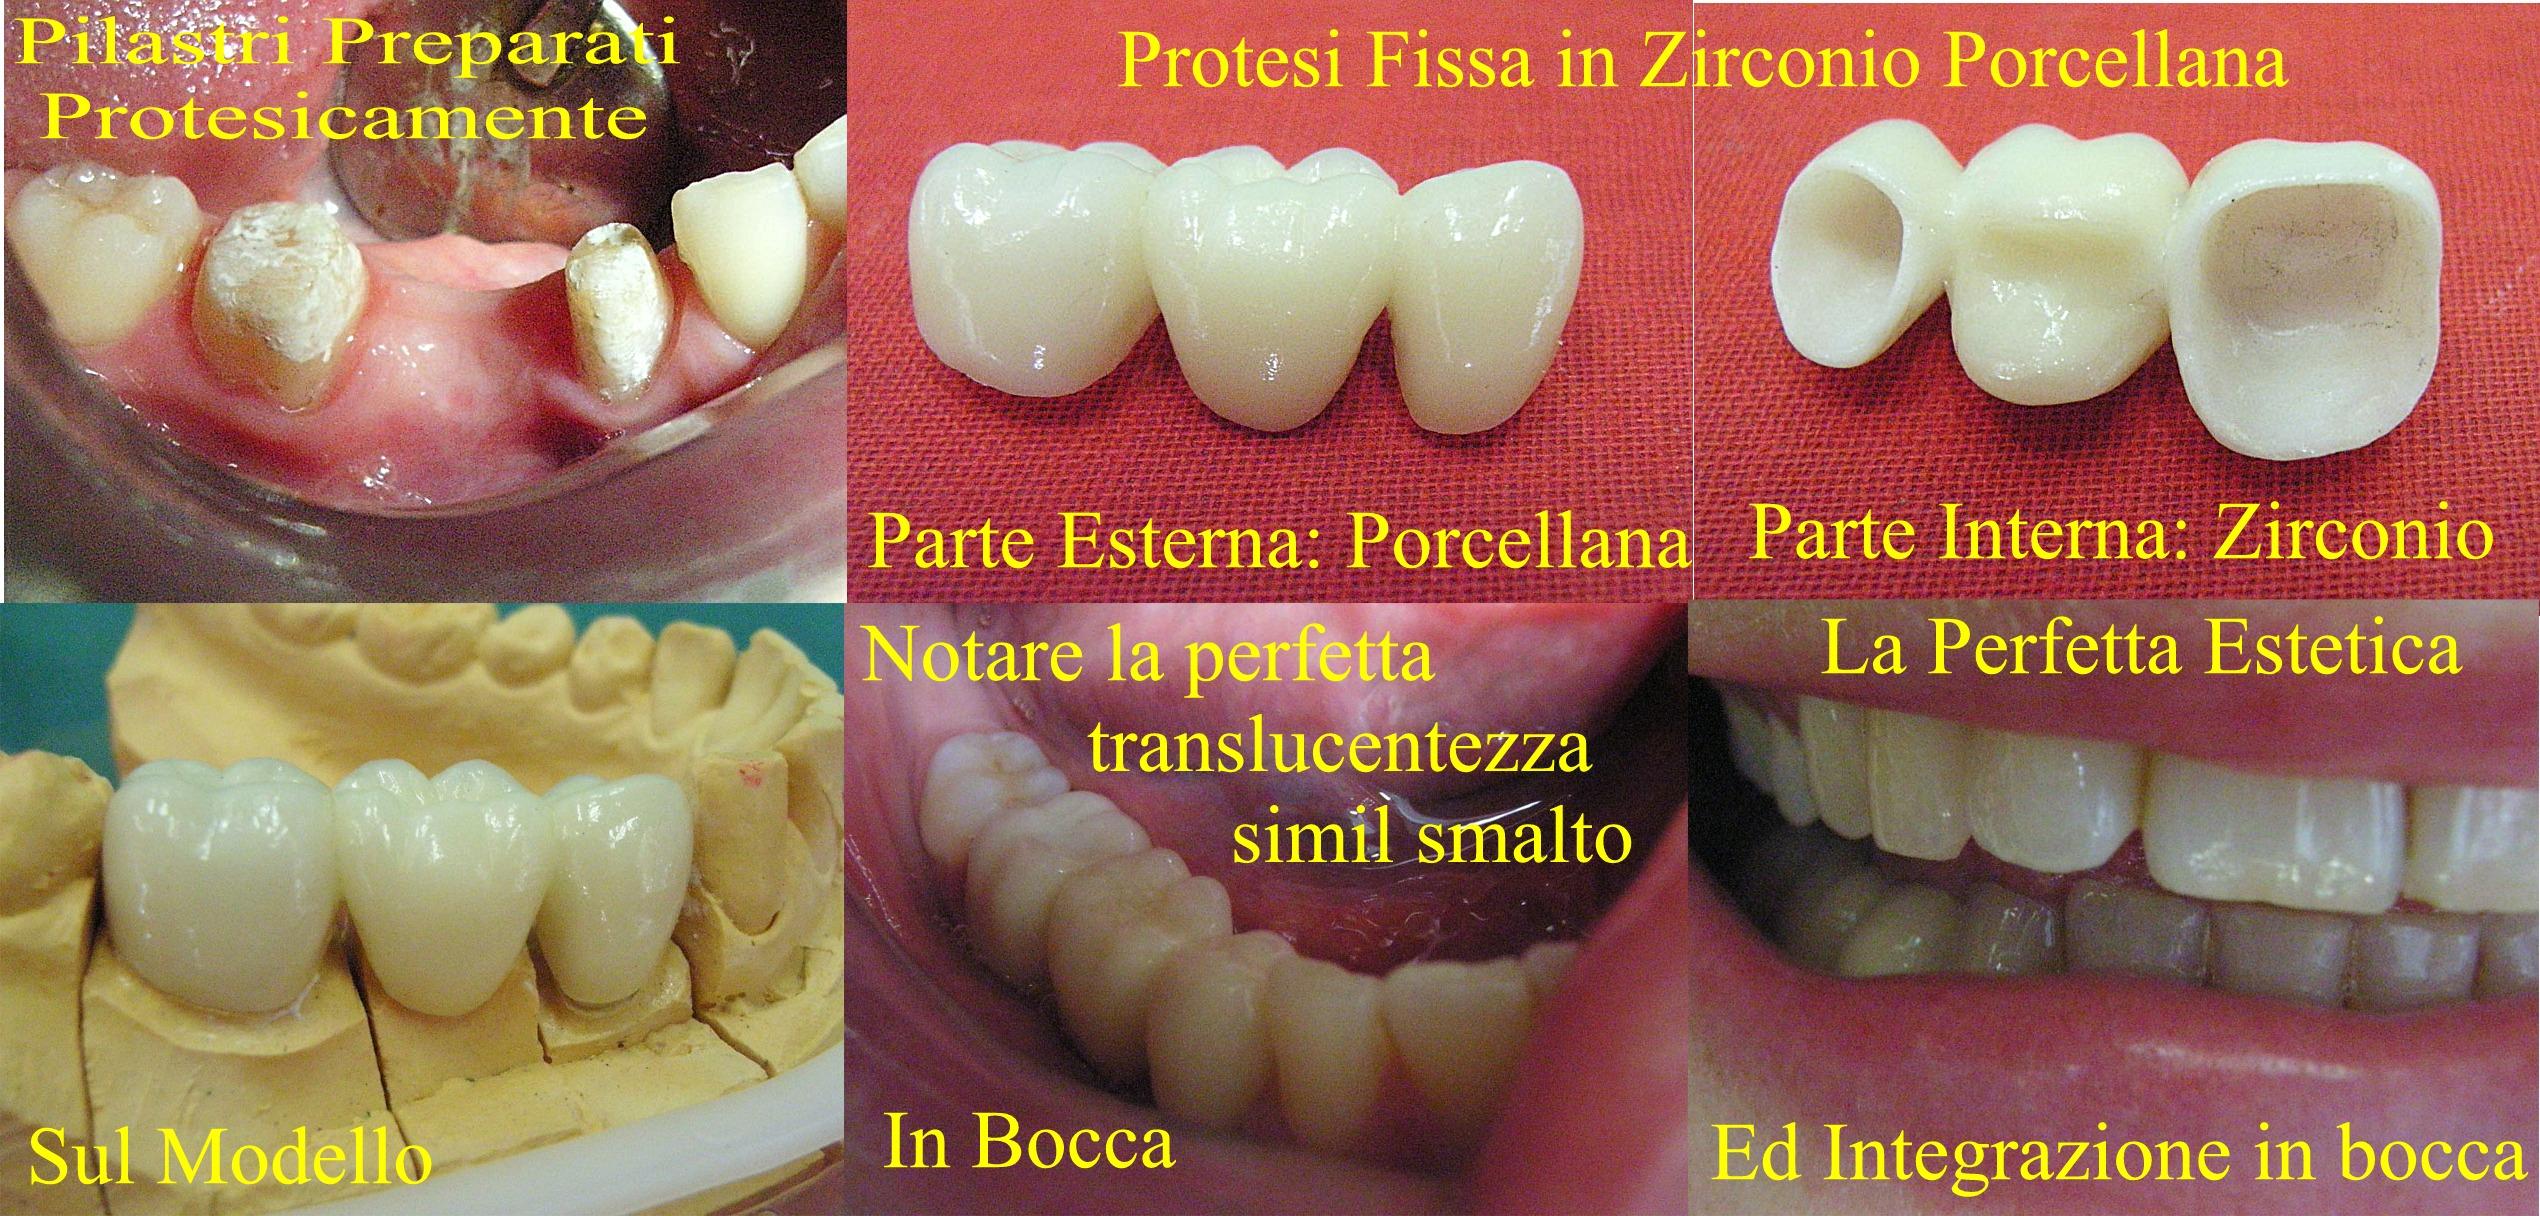 Ponte in Zirconio porcellana. Da casistica della Dr.ssa Claudia Petti di Cagliari